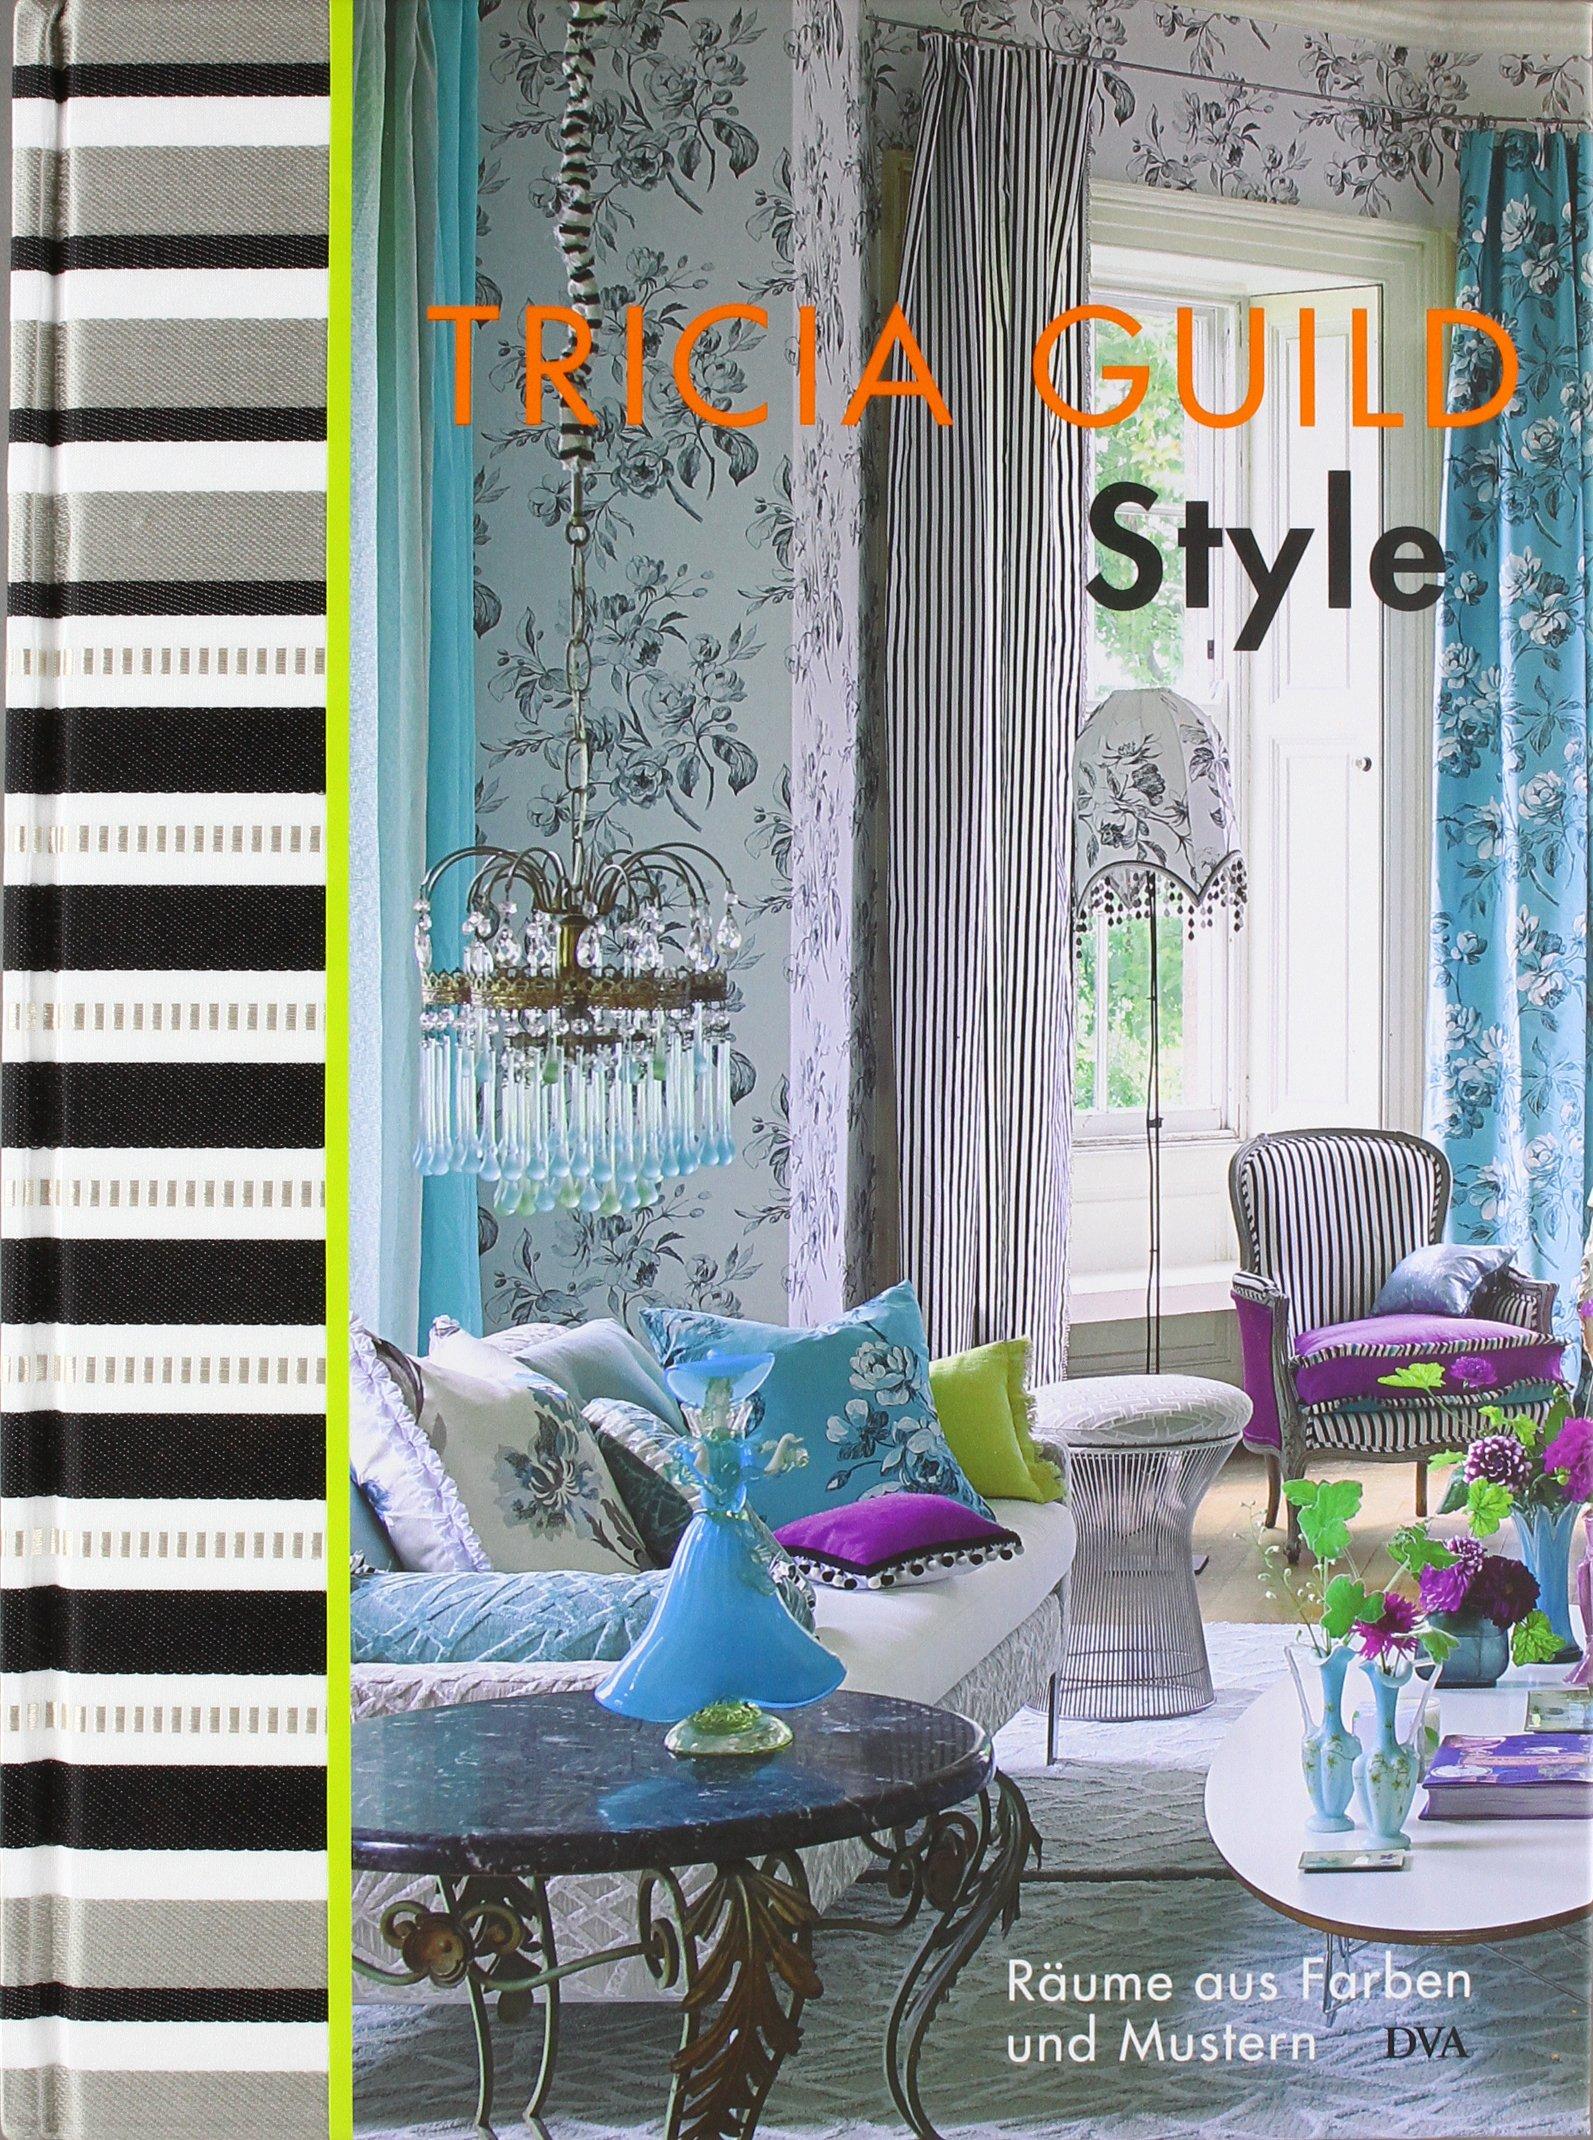 style-rume-aus-farben-und-mustern